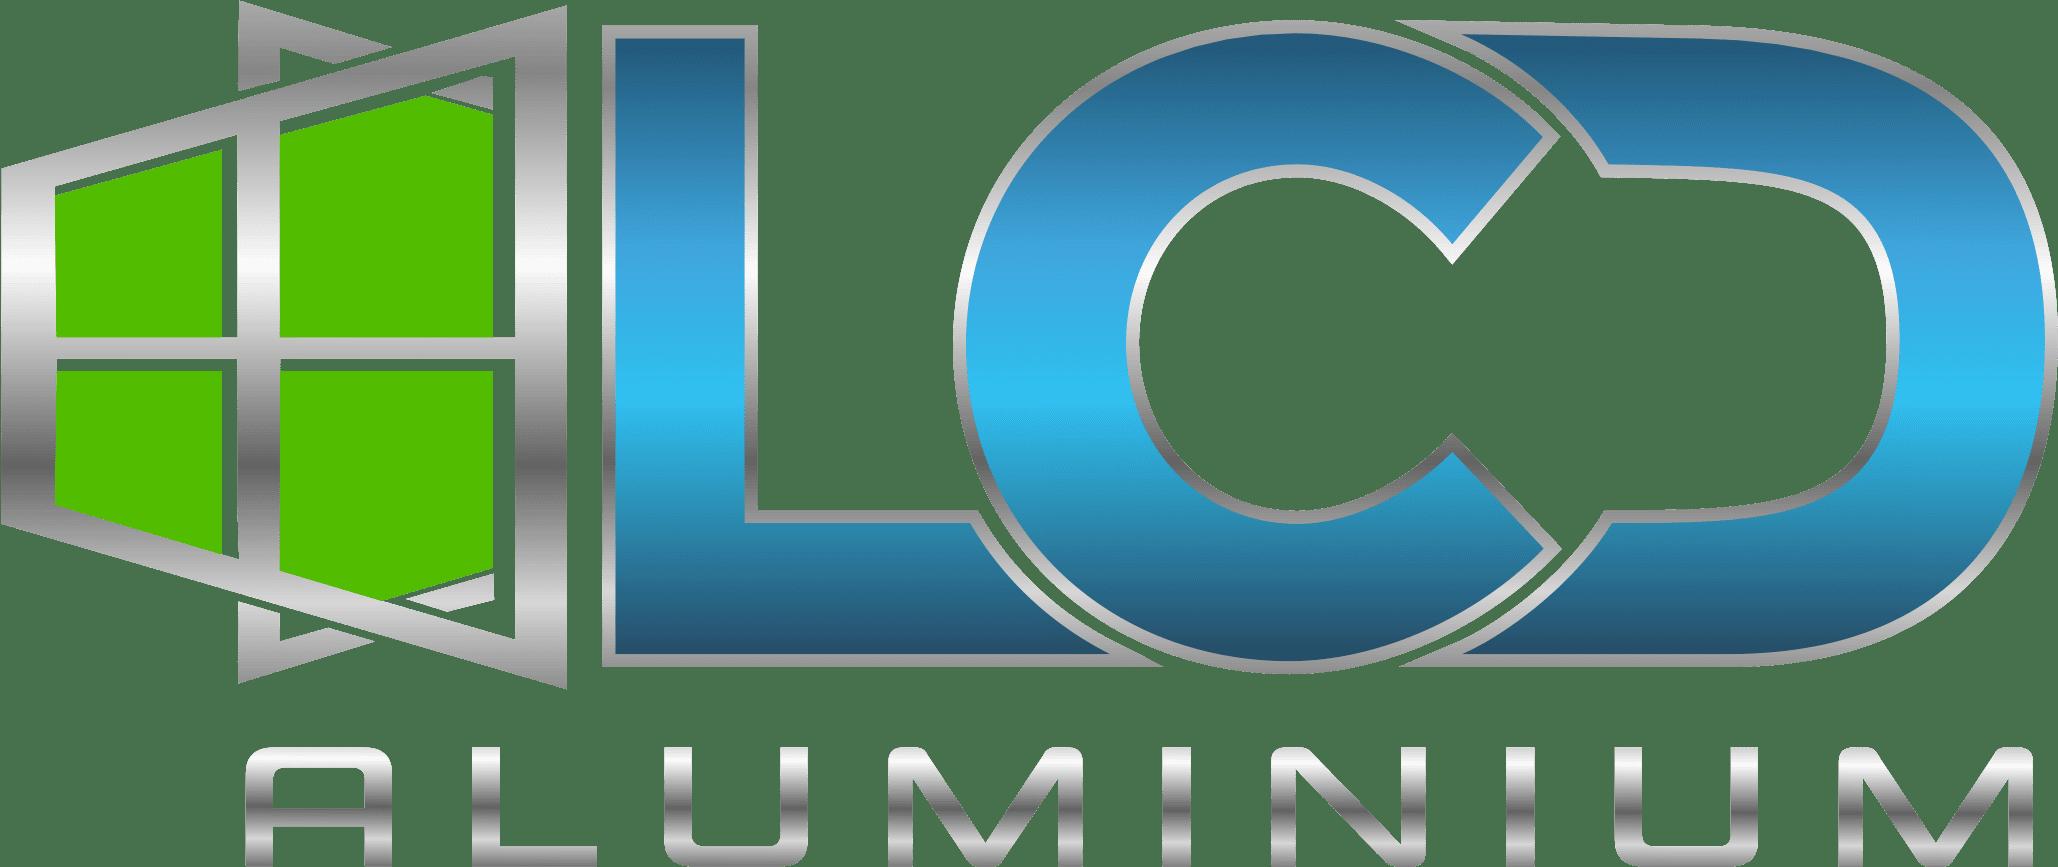 LCD Aluminium